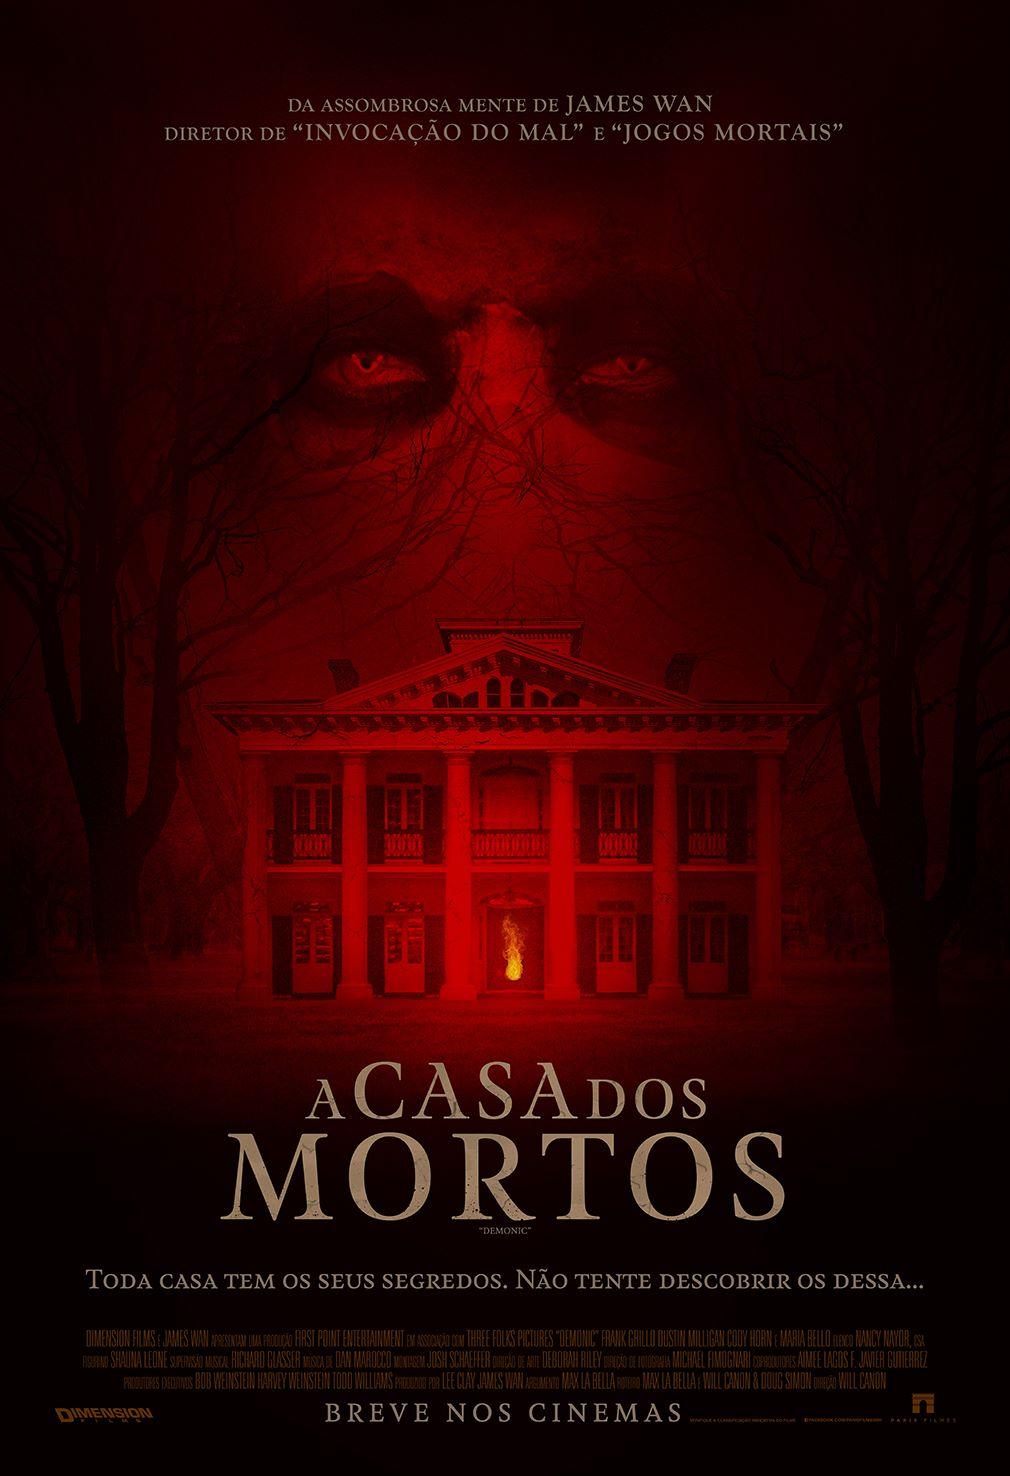 Filme Dentro Da Casa in próximos lançamentos de filmes de terror para 2015 nos cinemas do